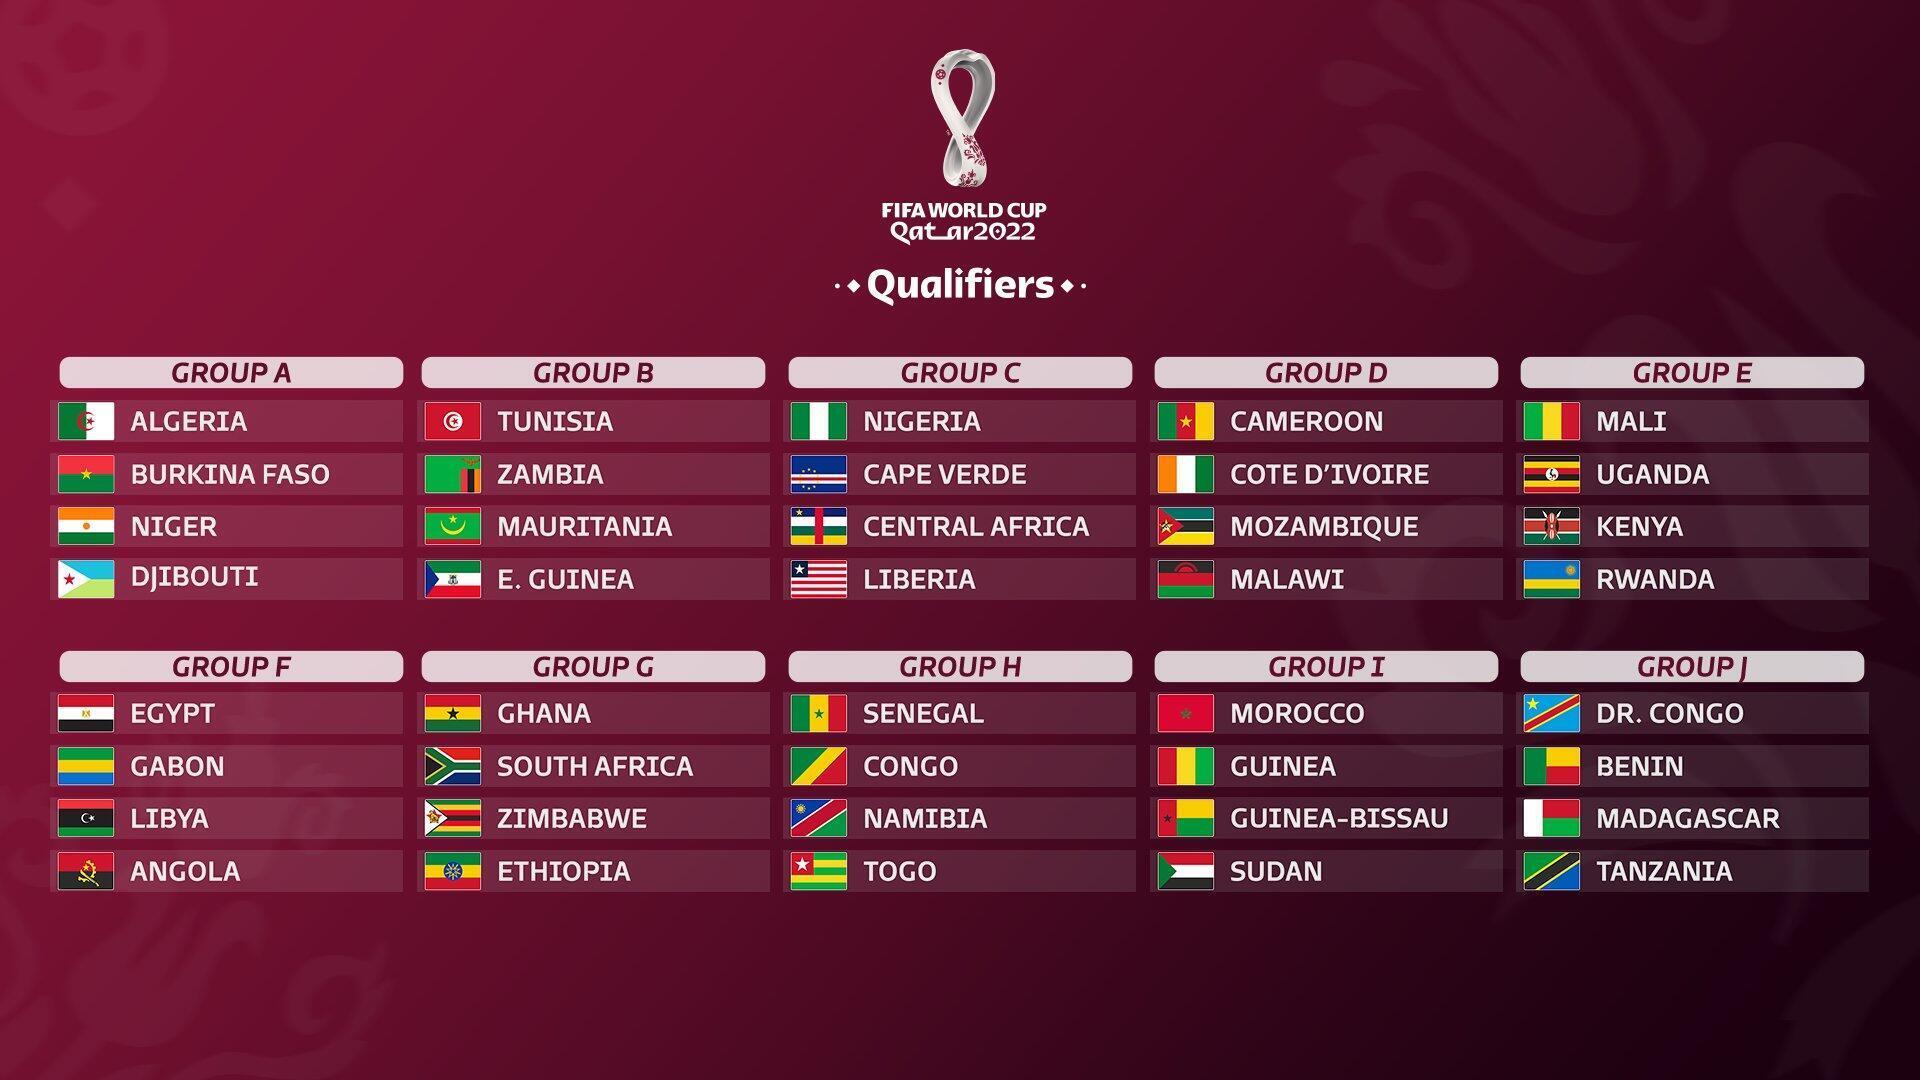 Calendrier De La Coupe Dafrique 2022 Coupe du monde 2022: calendrier et résultats des qualifications